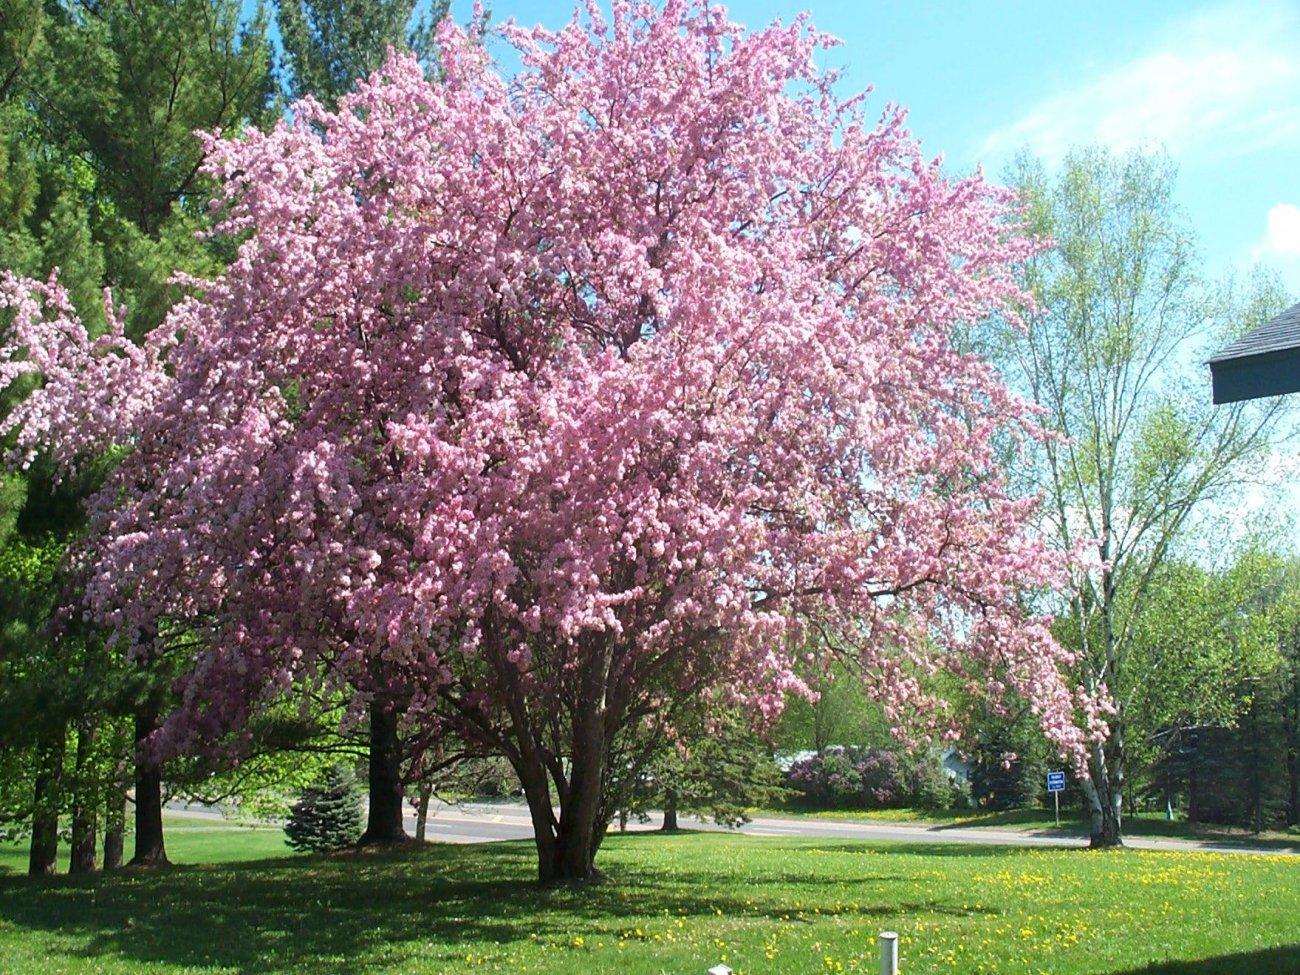 Flowering Tree Beautiful Flowers